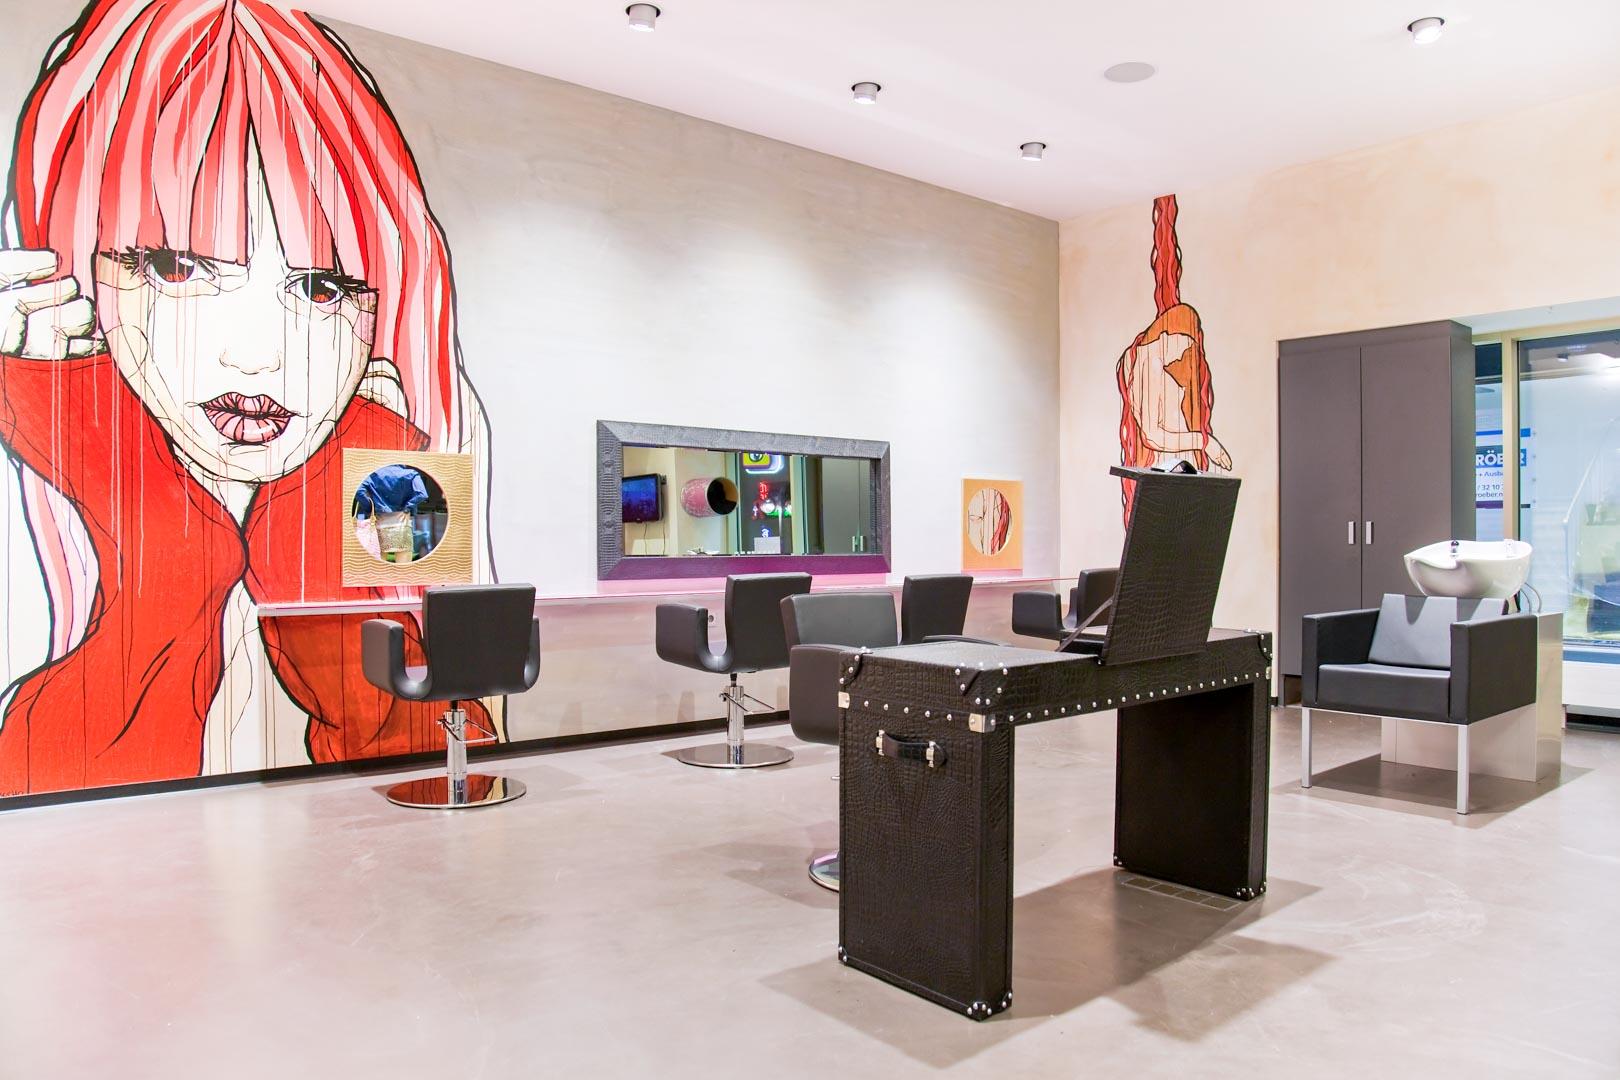 StyleCode Friseur Stuttgart, der kreative und coole Friseursalon ...